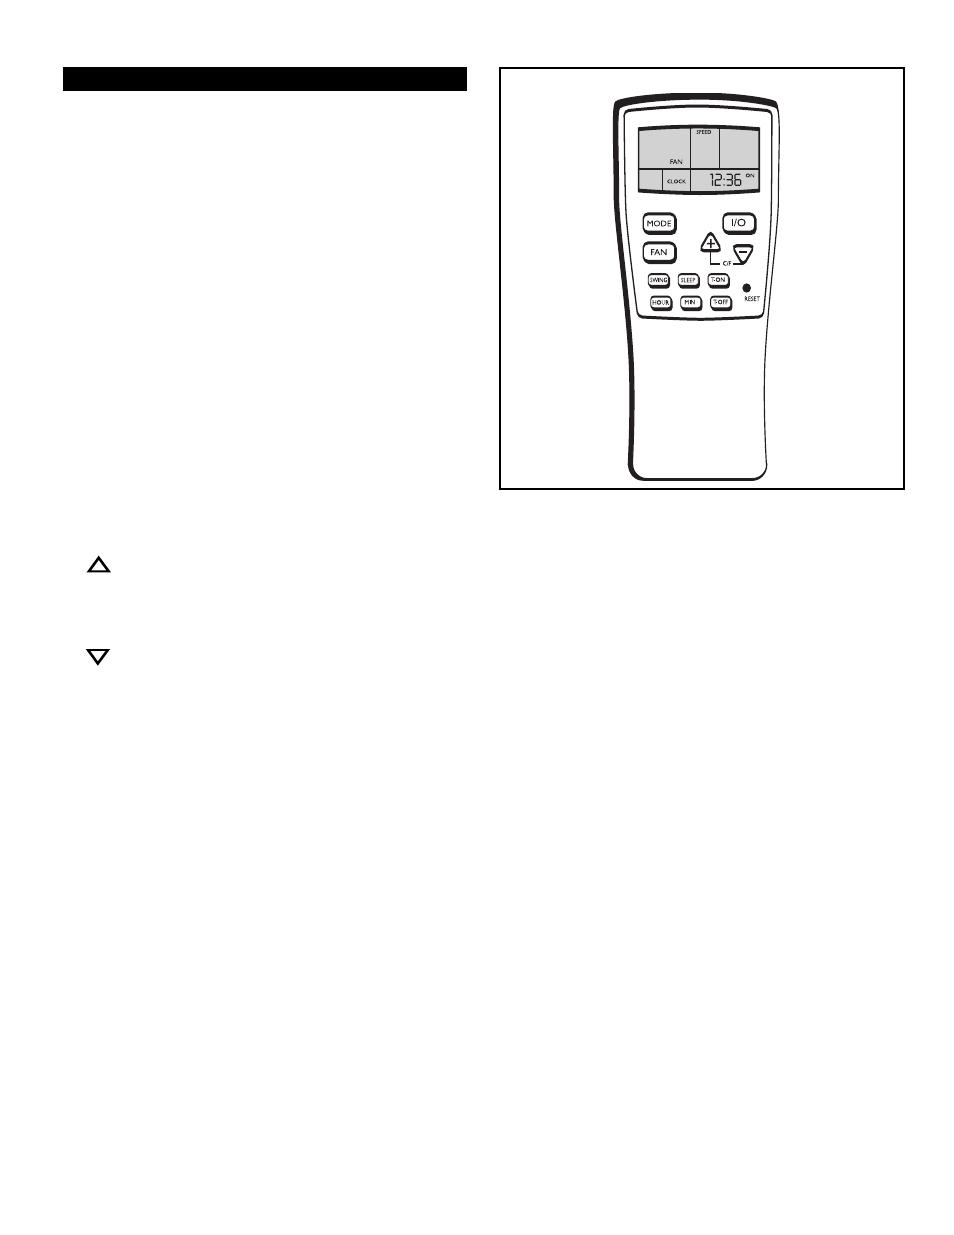 Ddr4010e | danby 40 pint dehumidifier | en-us.